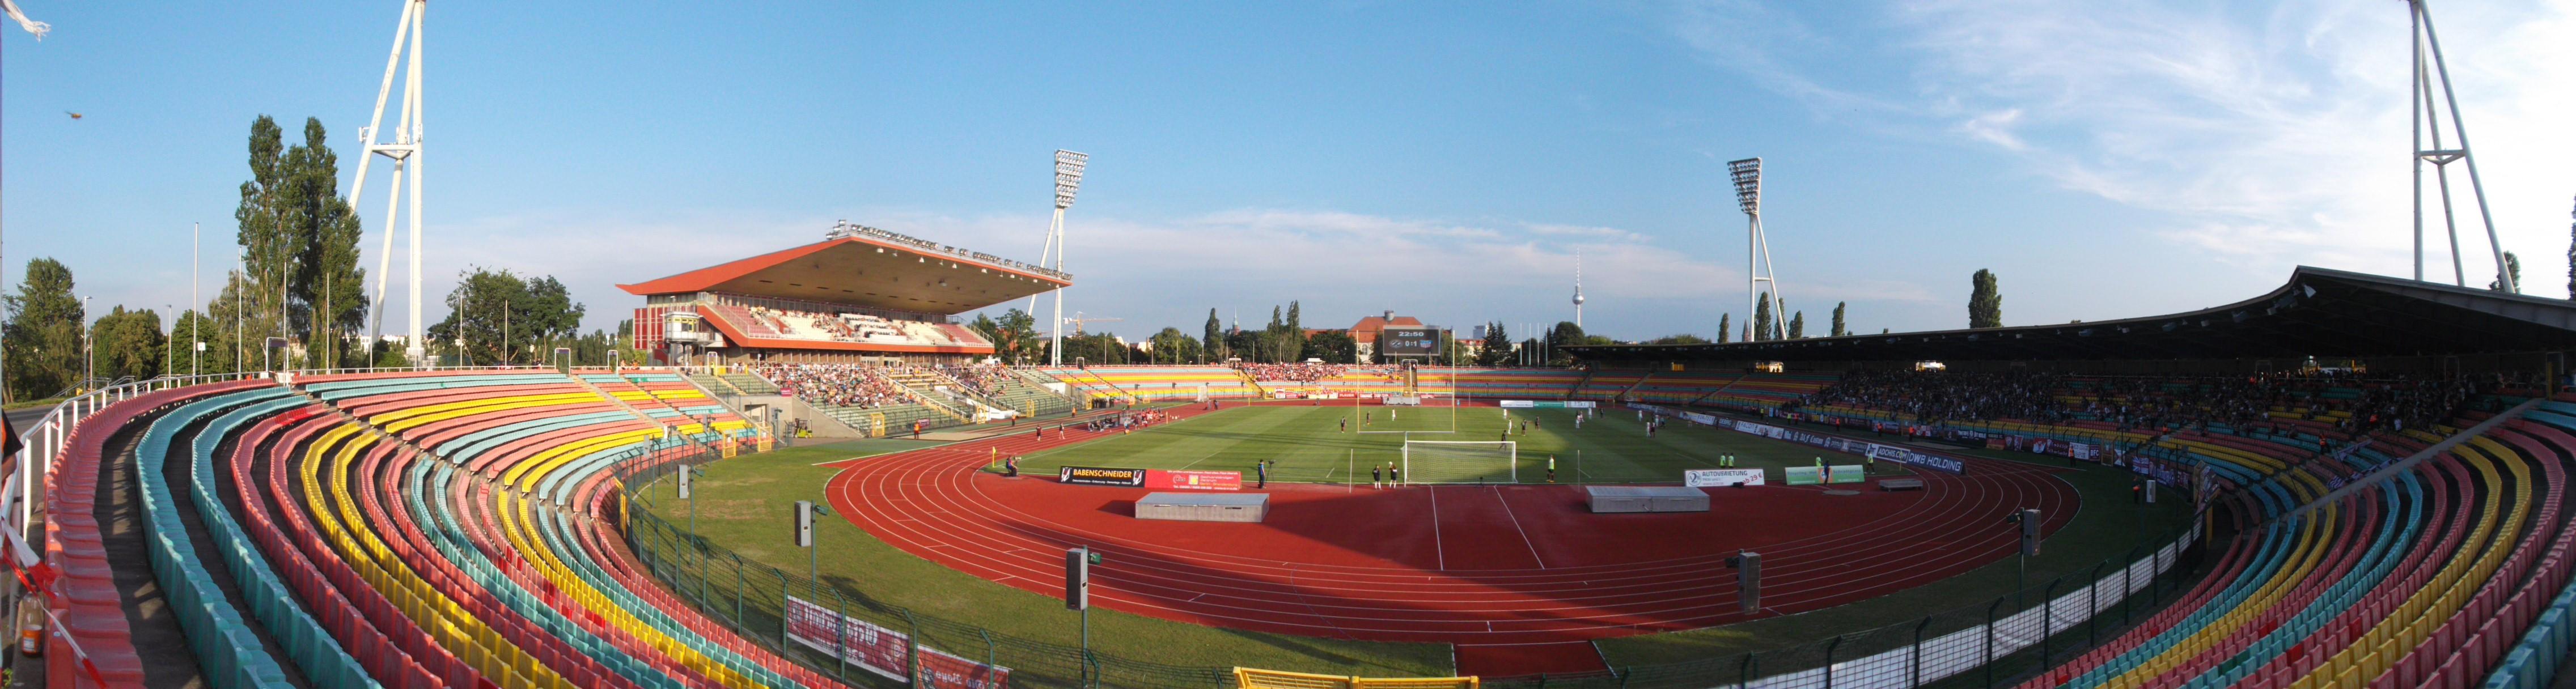 Jahnsportpark, Berliner Pokal, Fussball